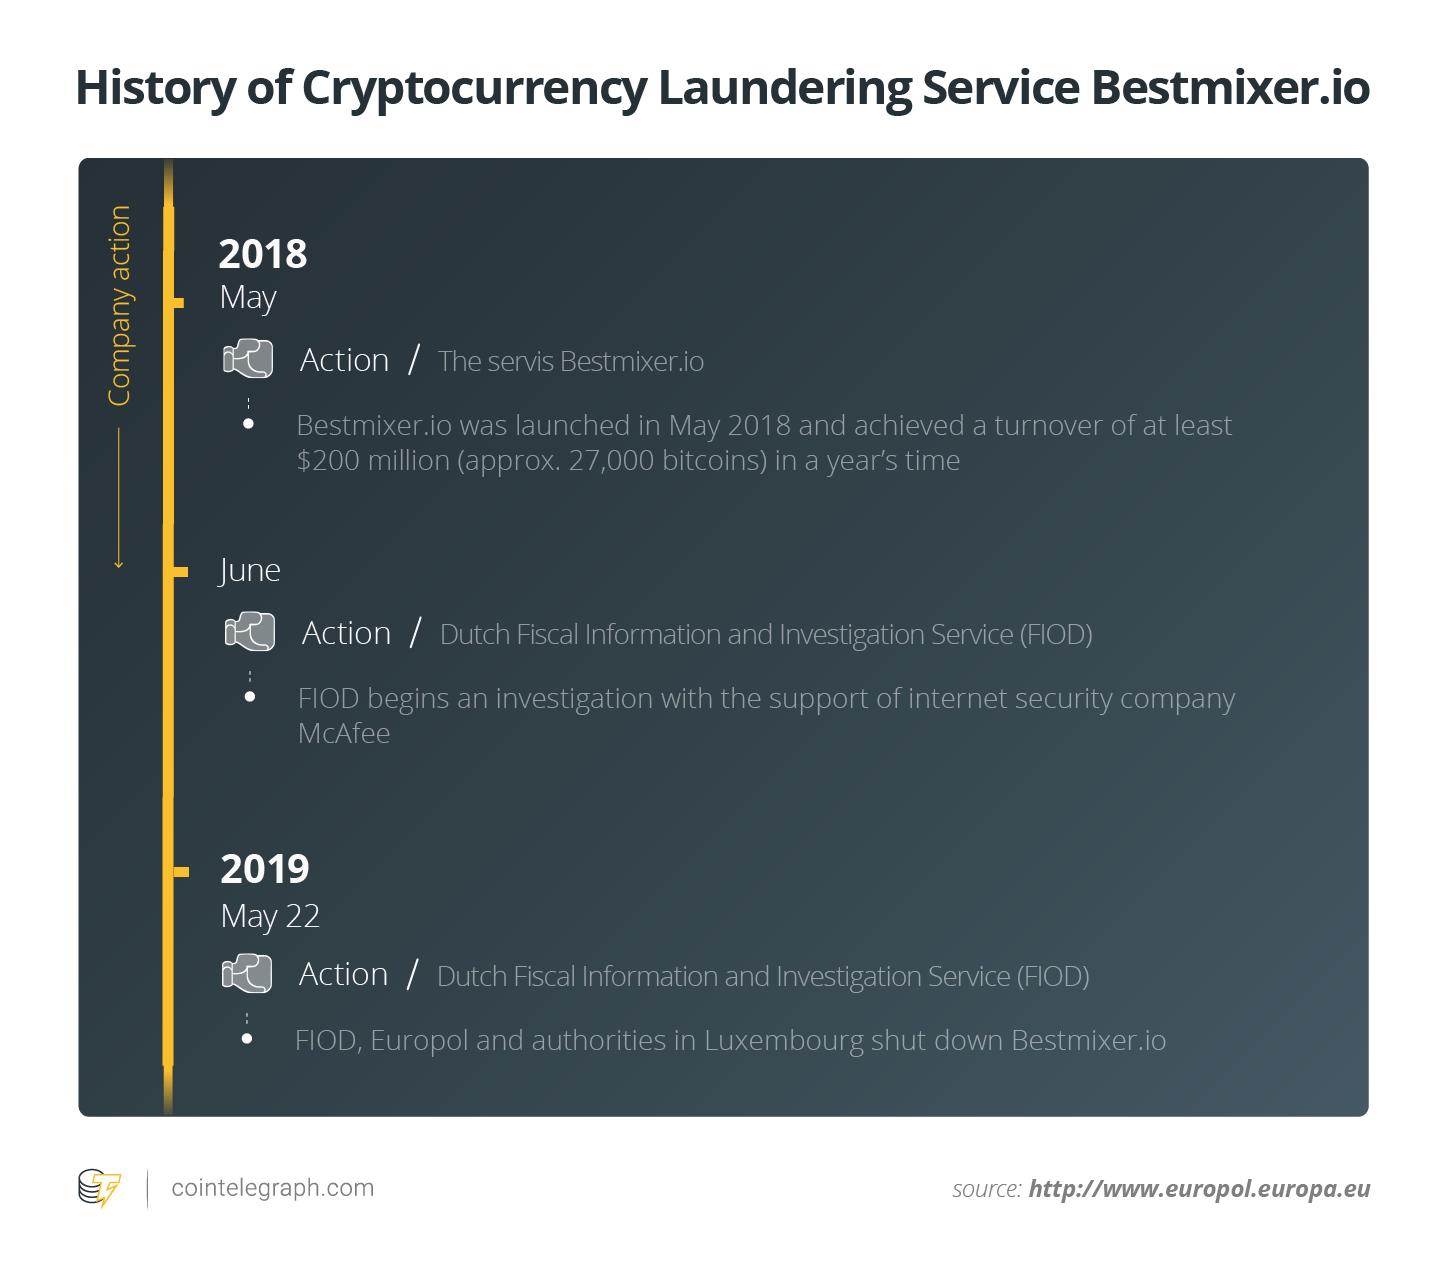 Geschichte des Kryptowährungswäsche-Dienstes Bestmixer.ioo